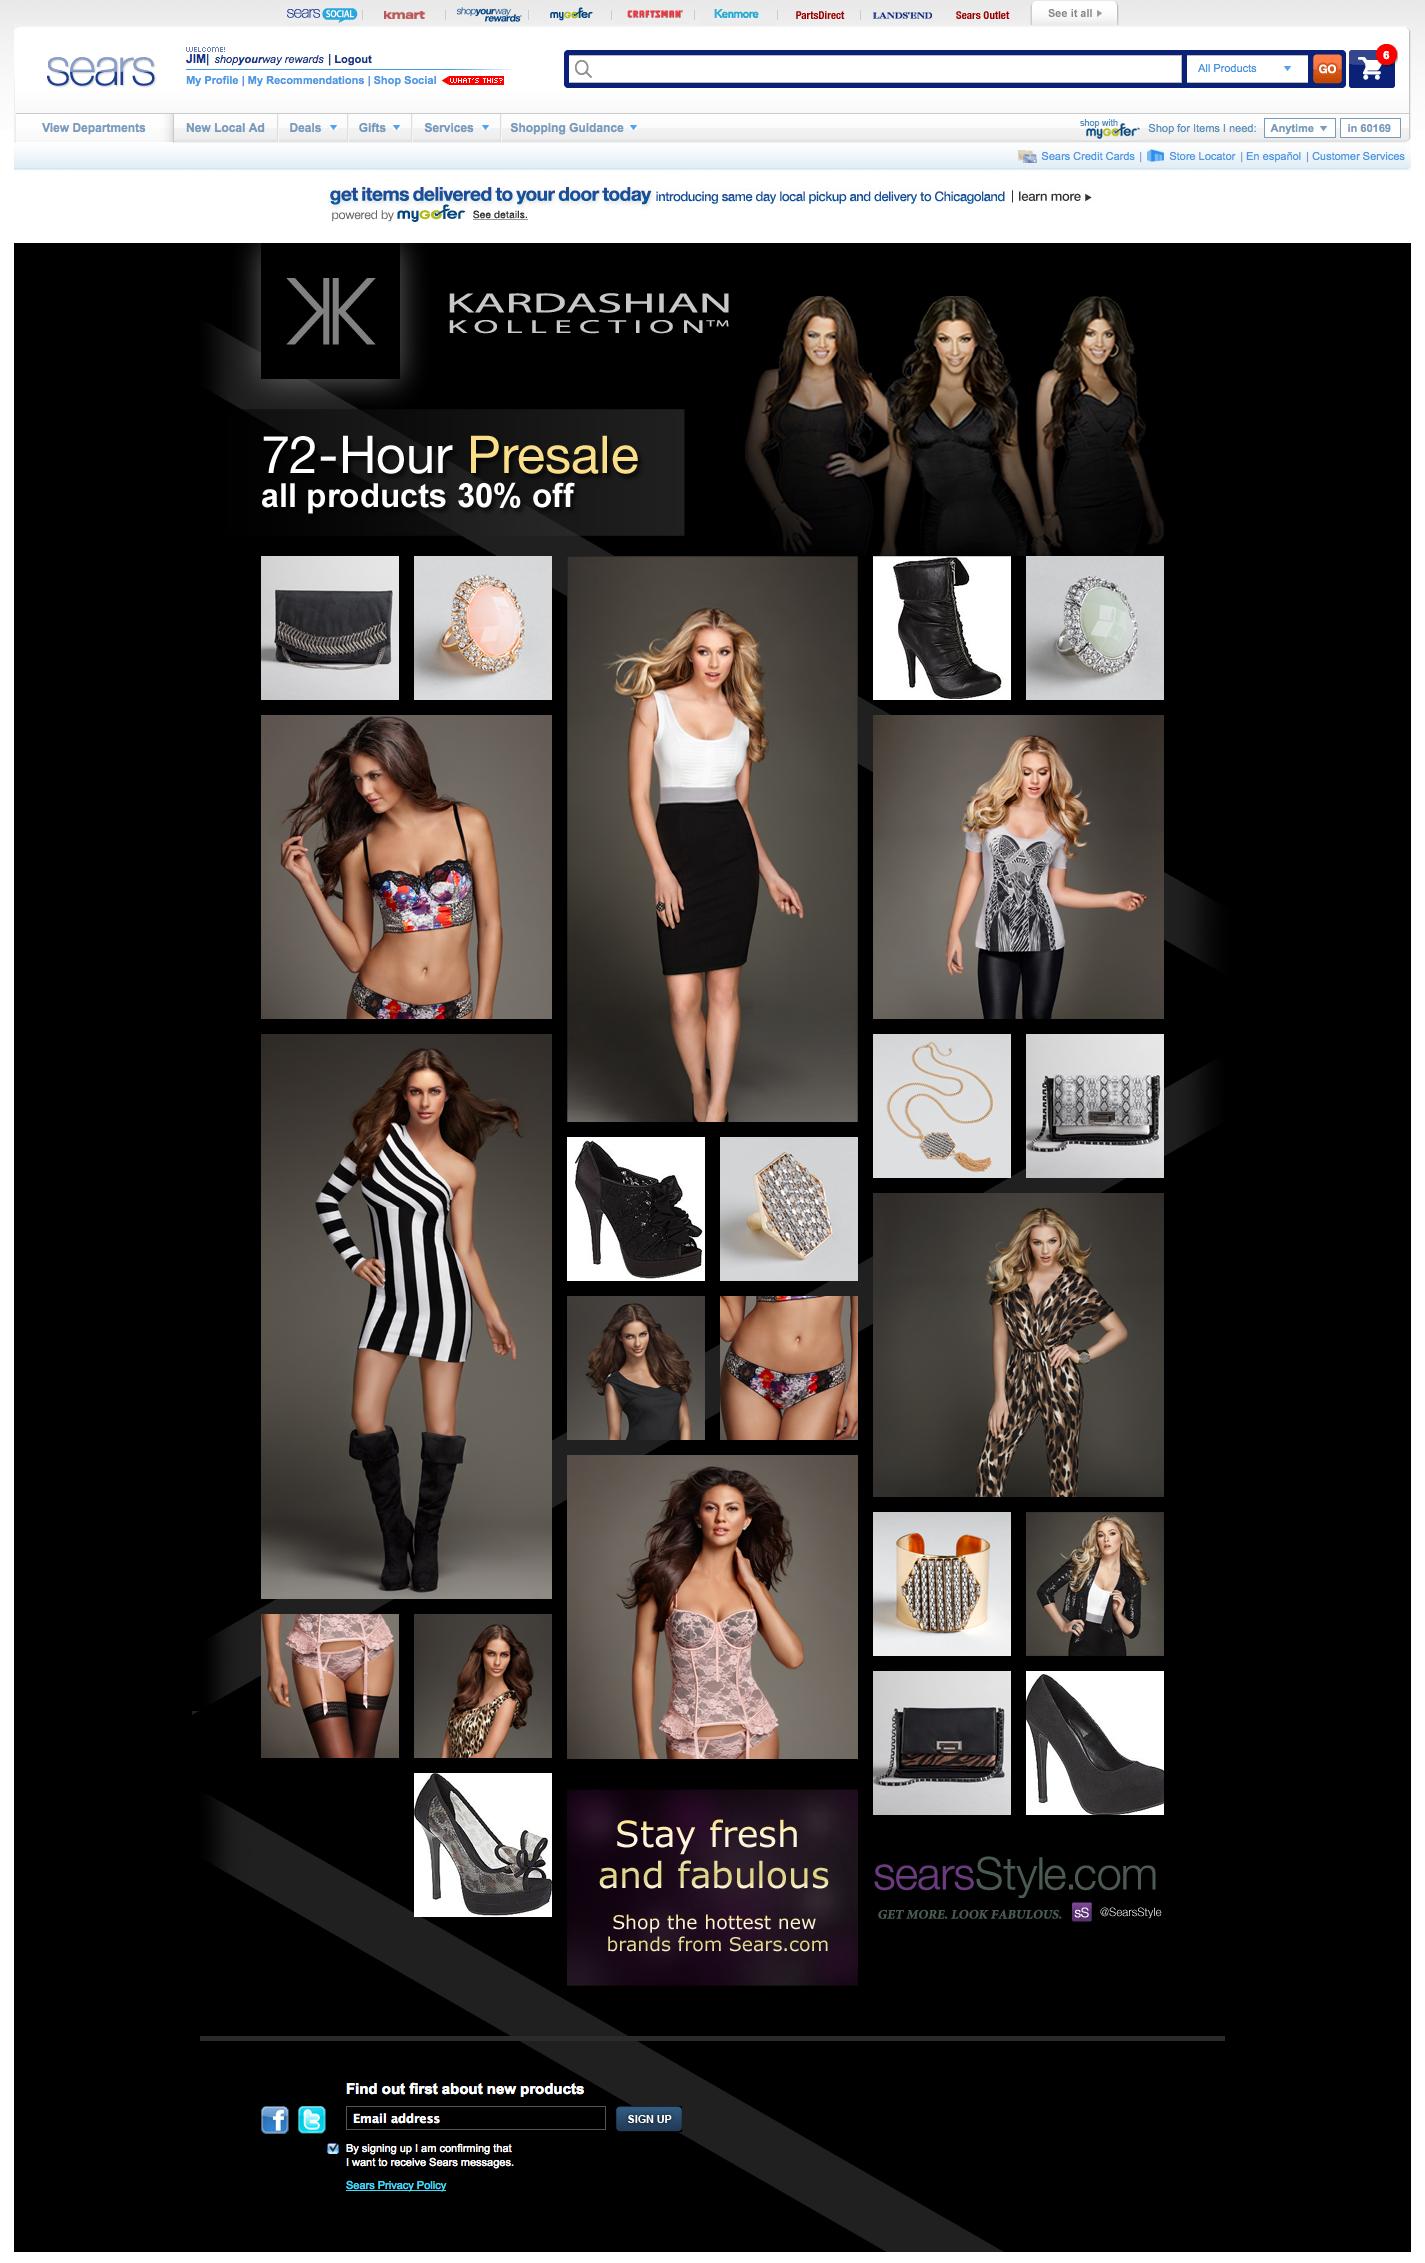 Kardashian Kollection Presale Landing Page